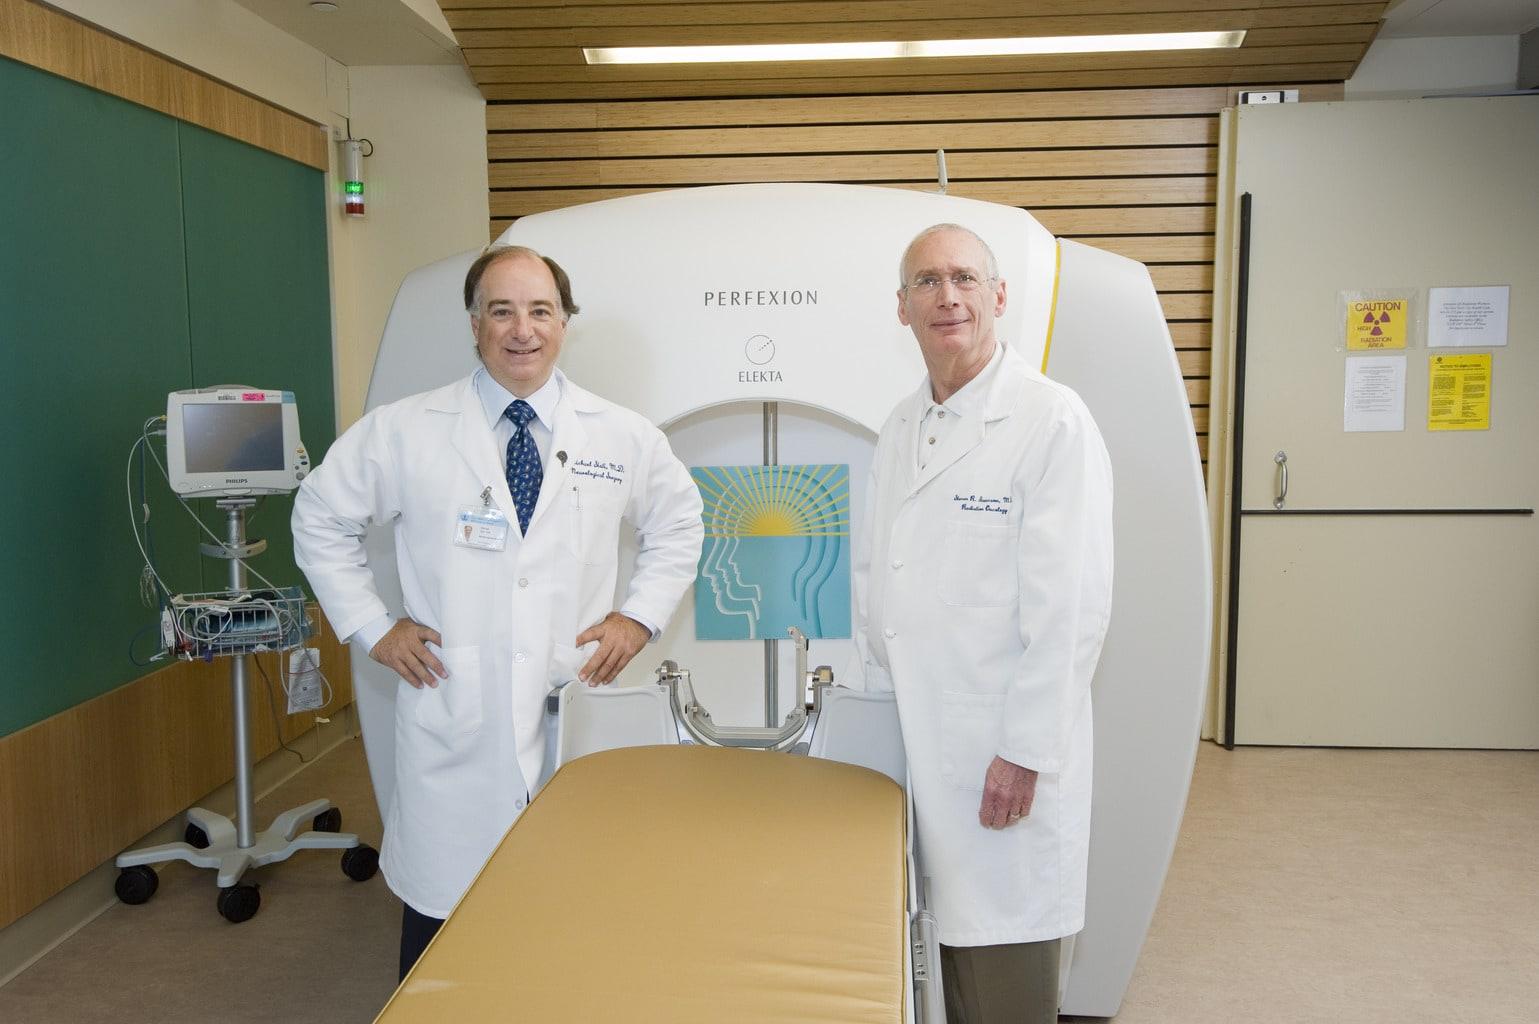 Dr.Sisti and Dr. Isaacson